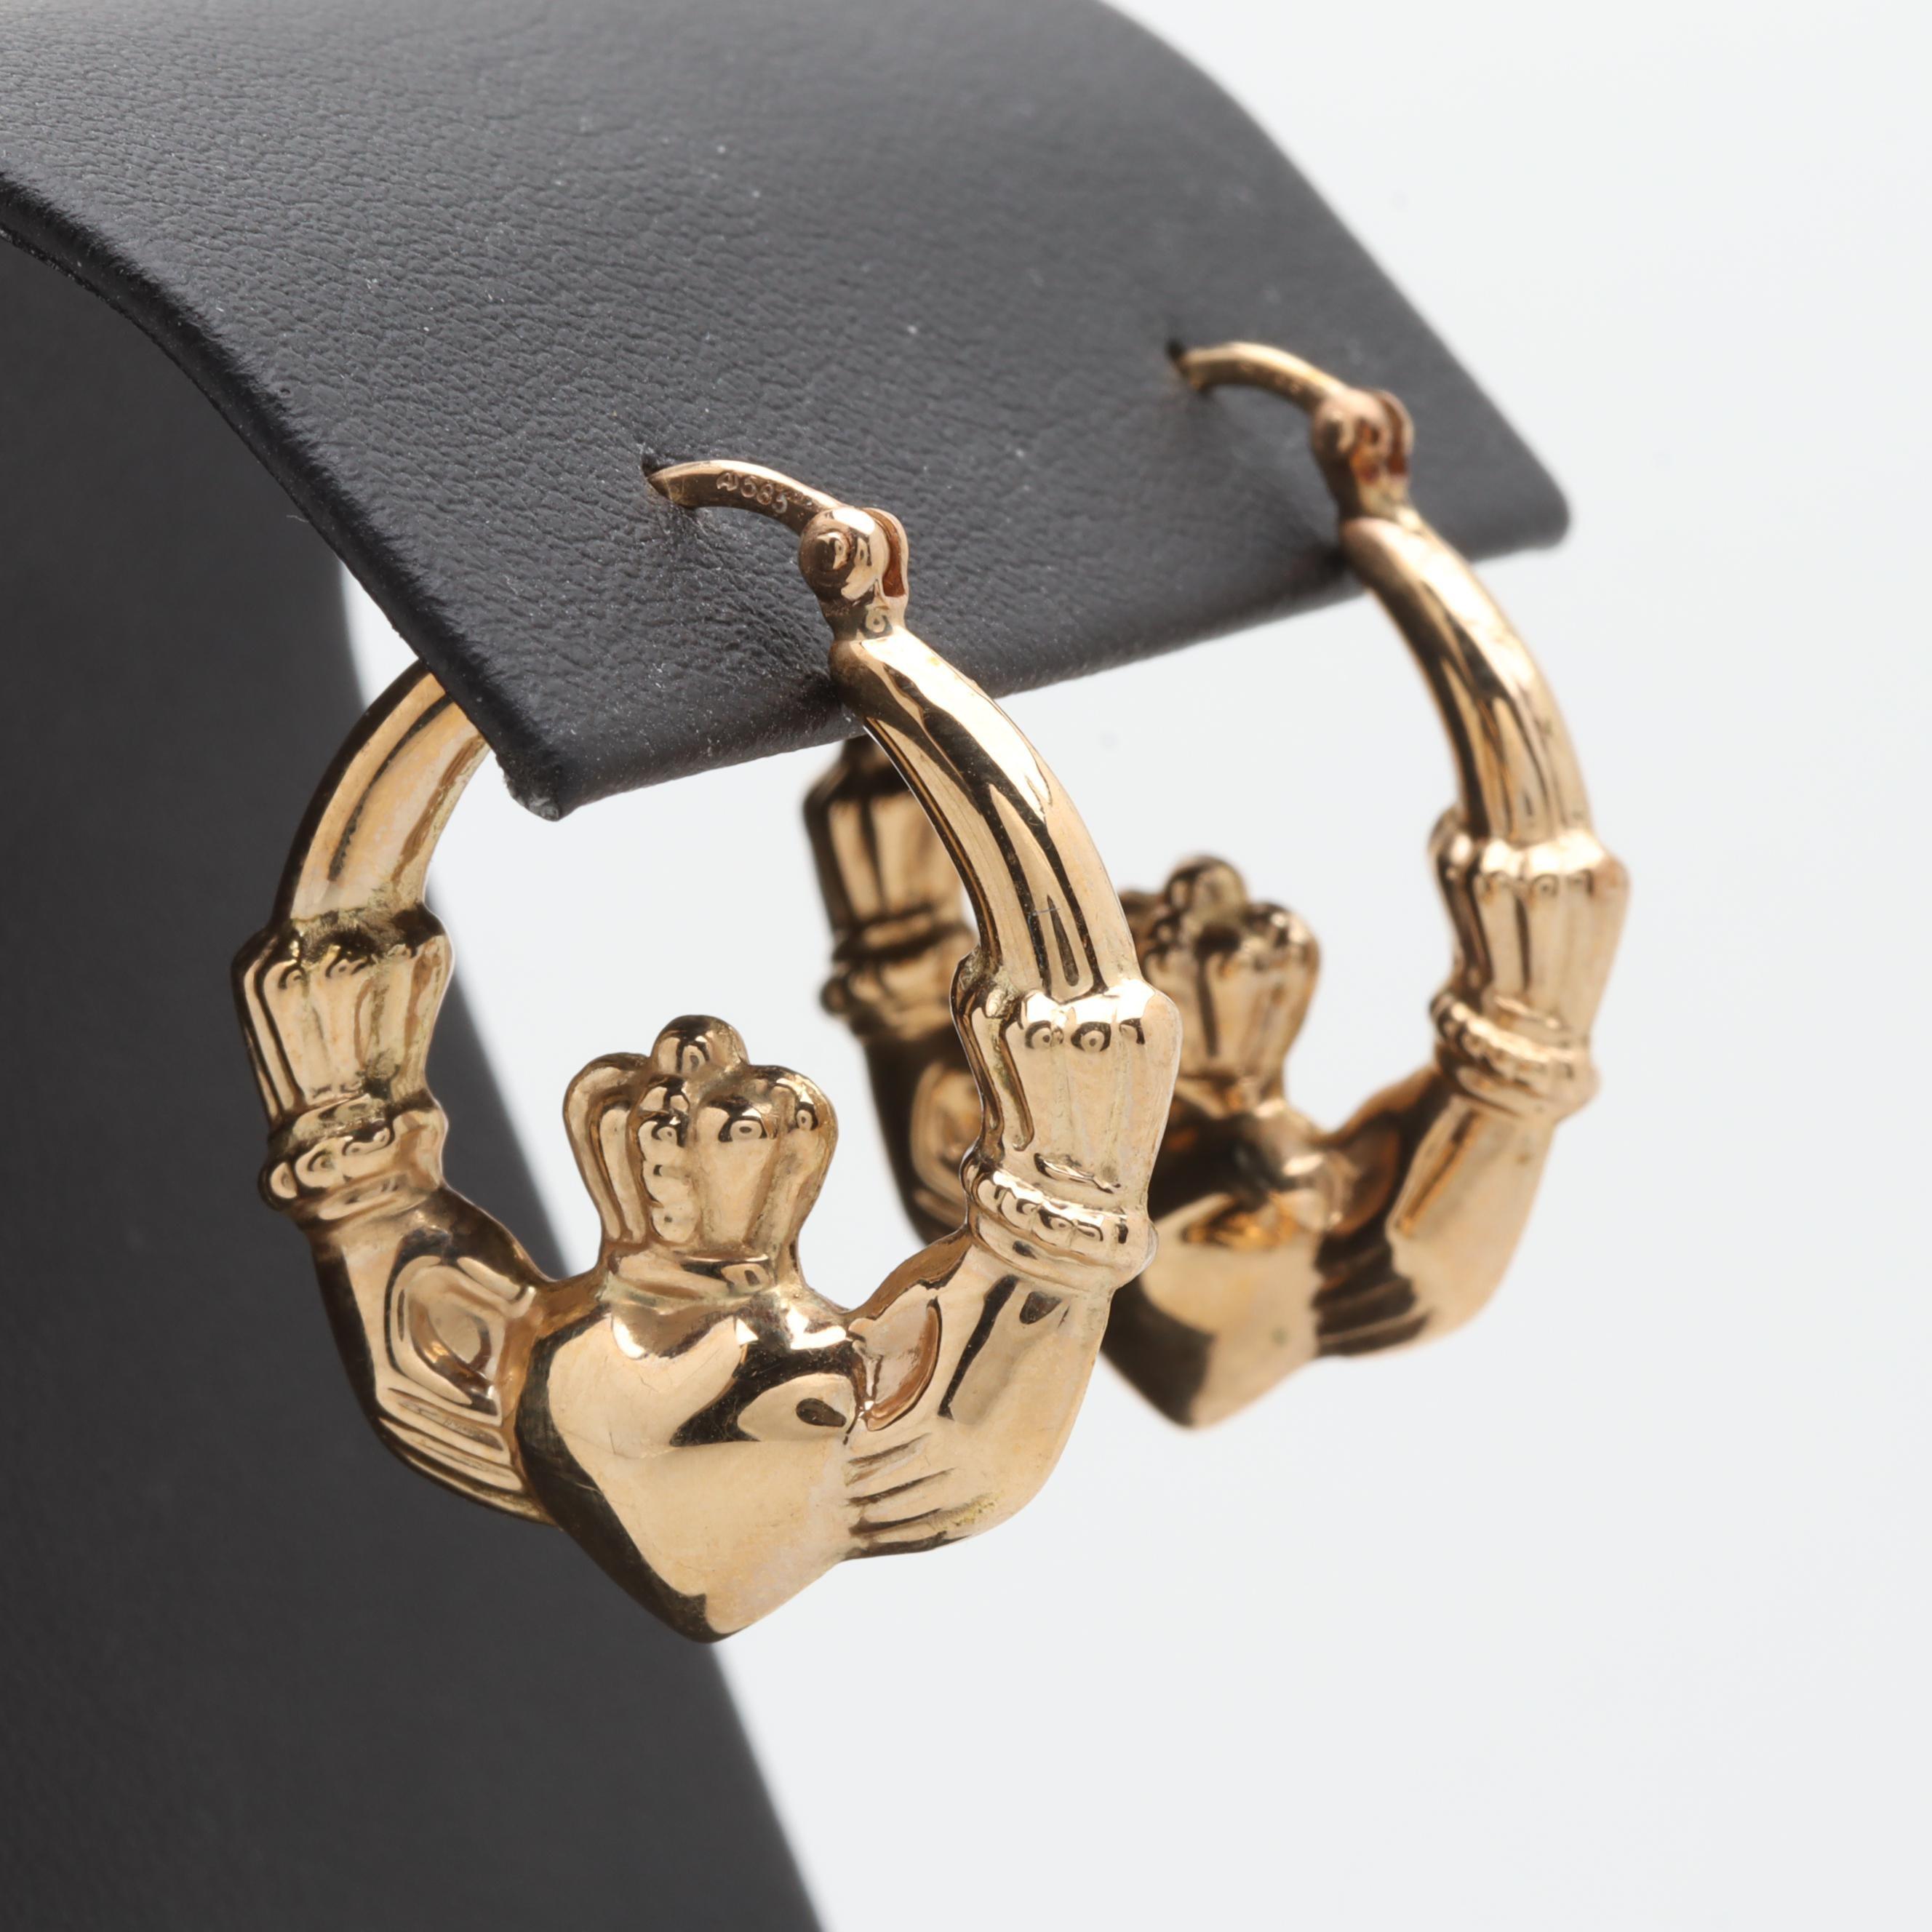 14K Yellow Gold Claddaugh Hoop Earrings